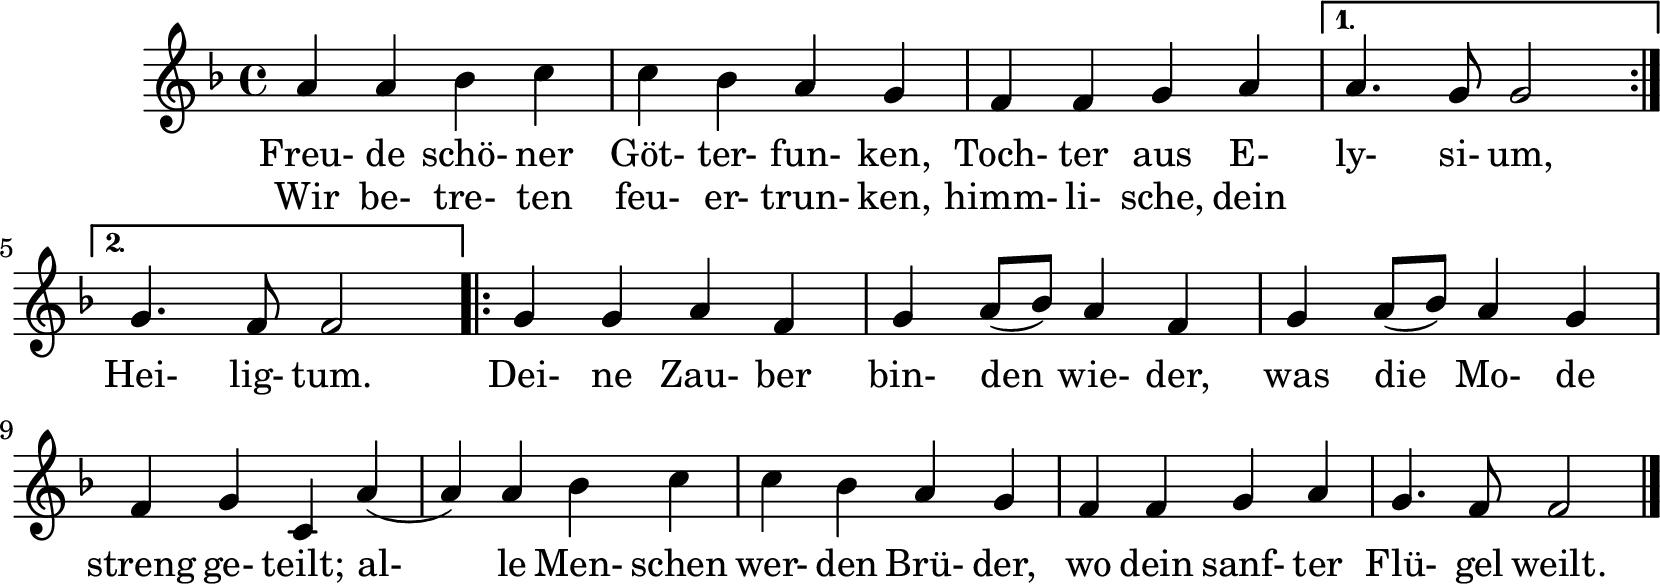 Notenblatt Music Sheet An die Freude